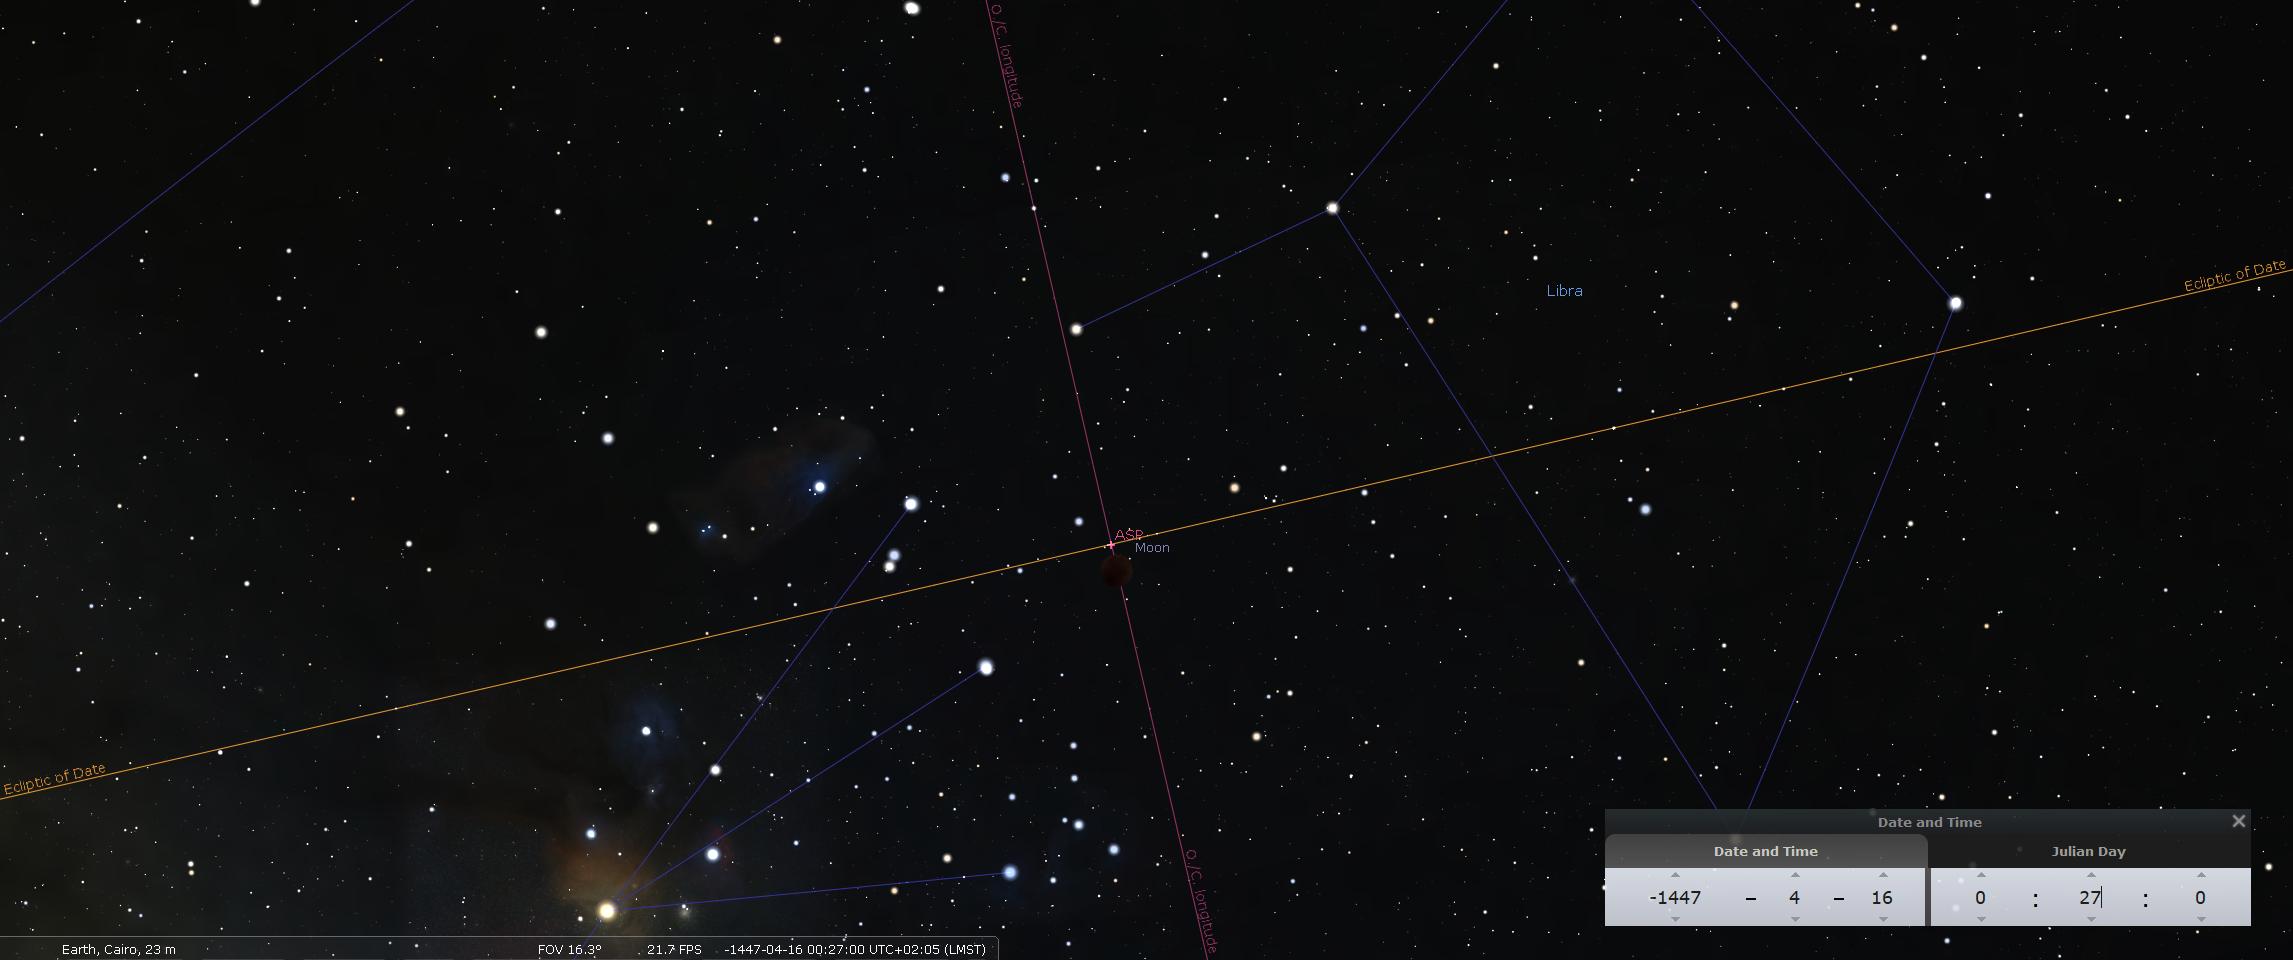 stellarium-074.png